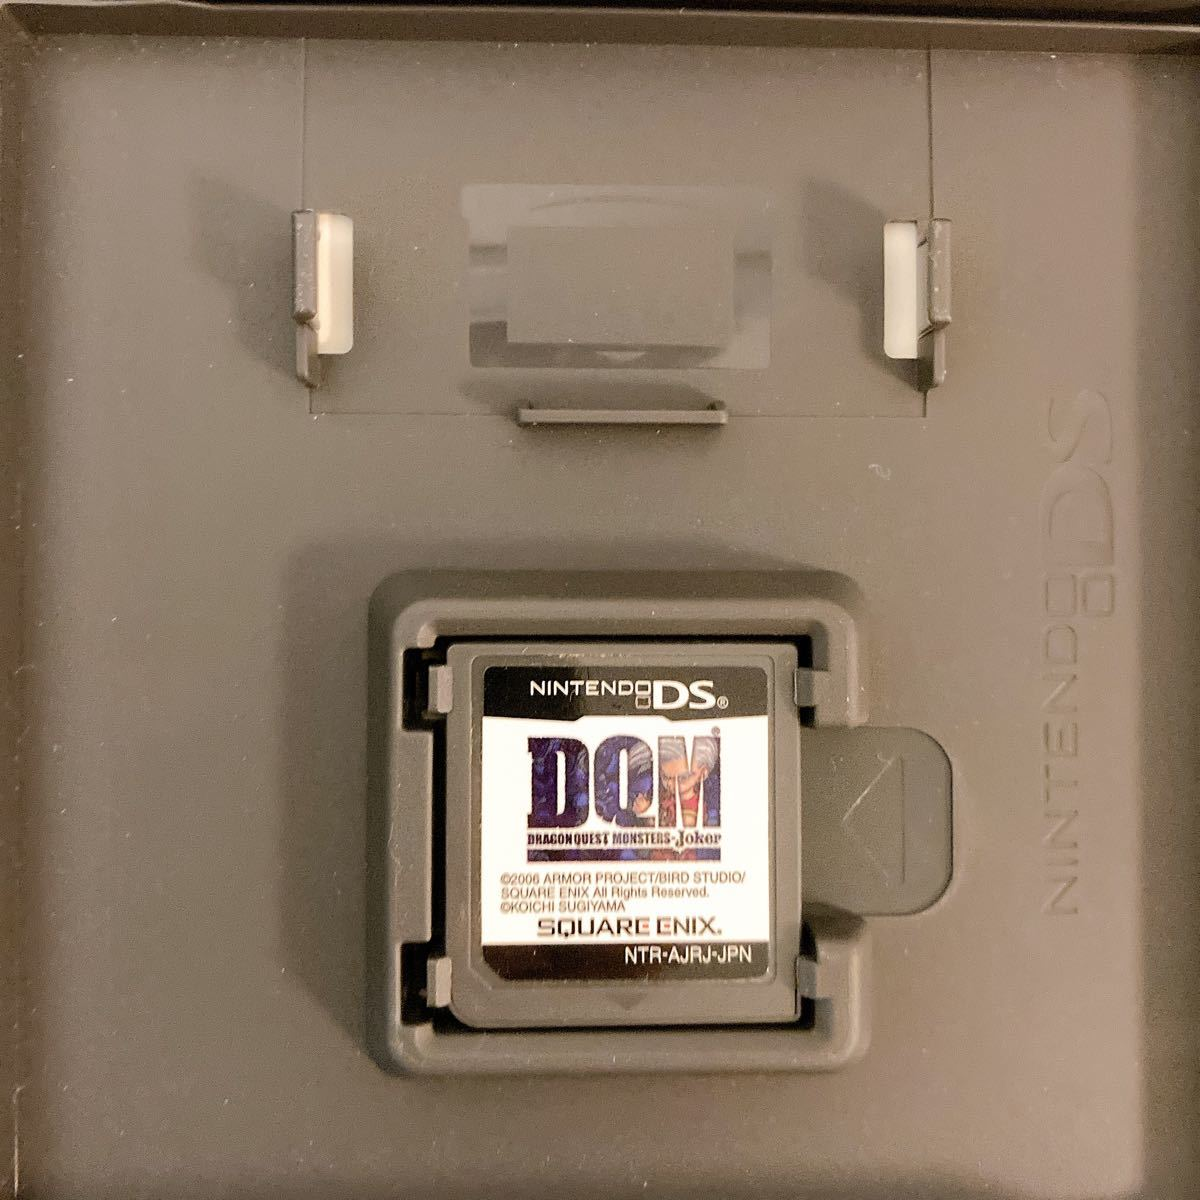 ドラゴンクエストモンスターズ ジョーカー DS 箱 説明書あり